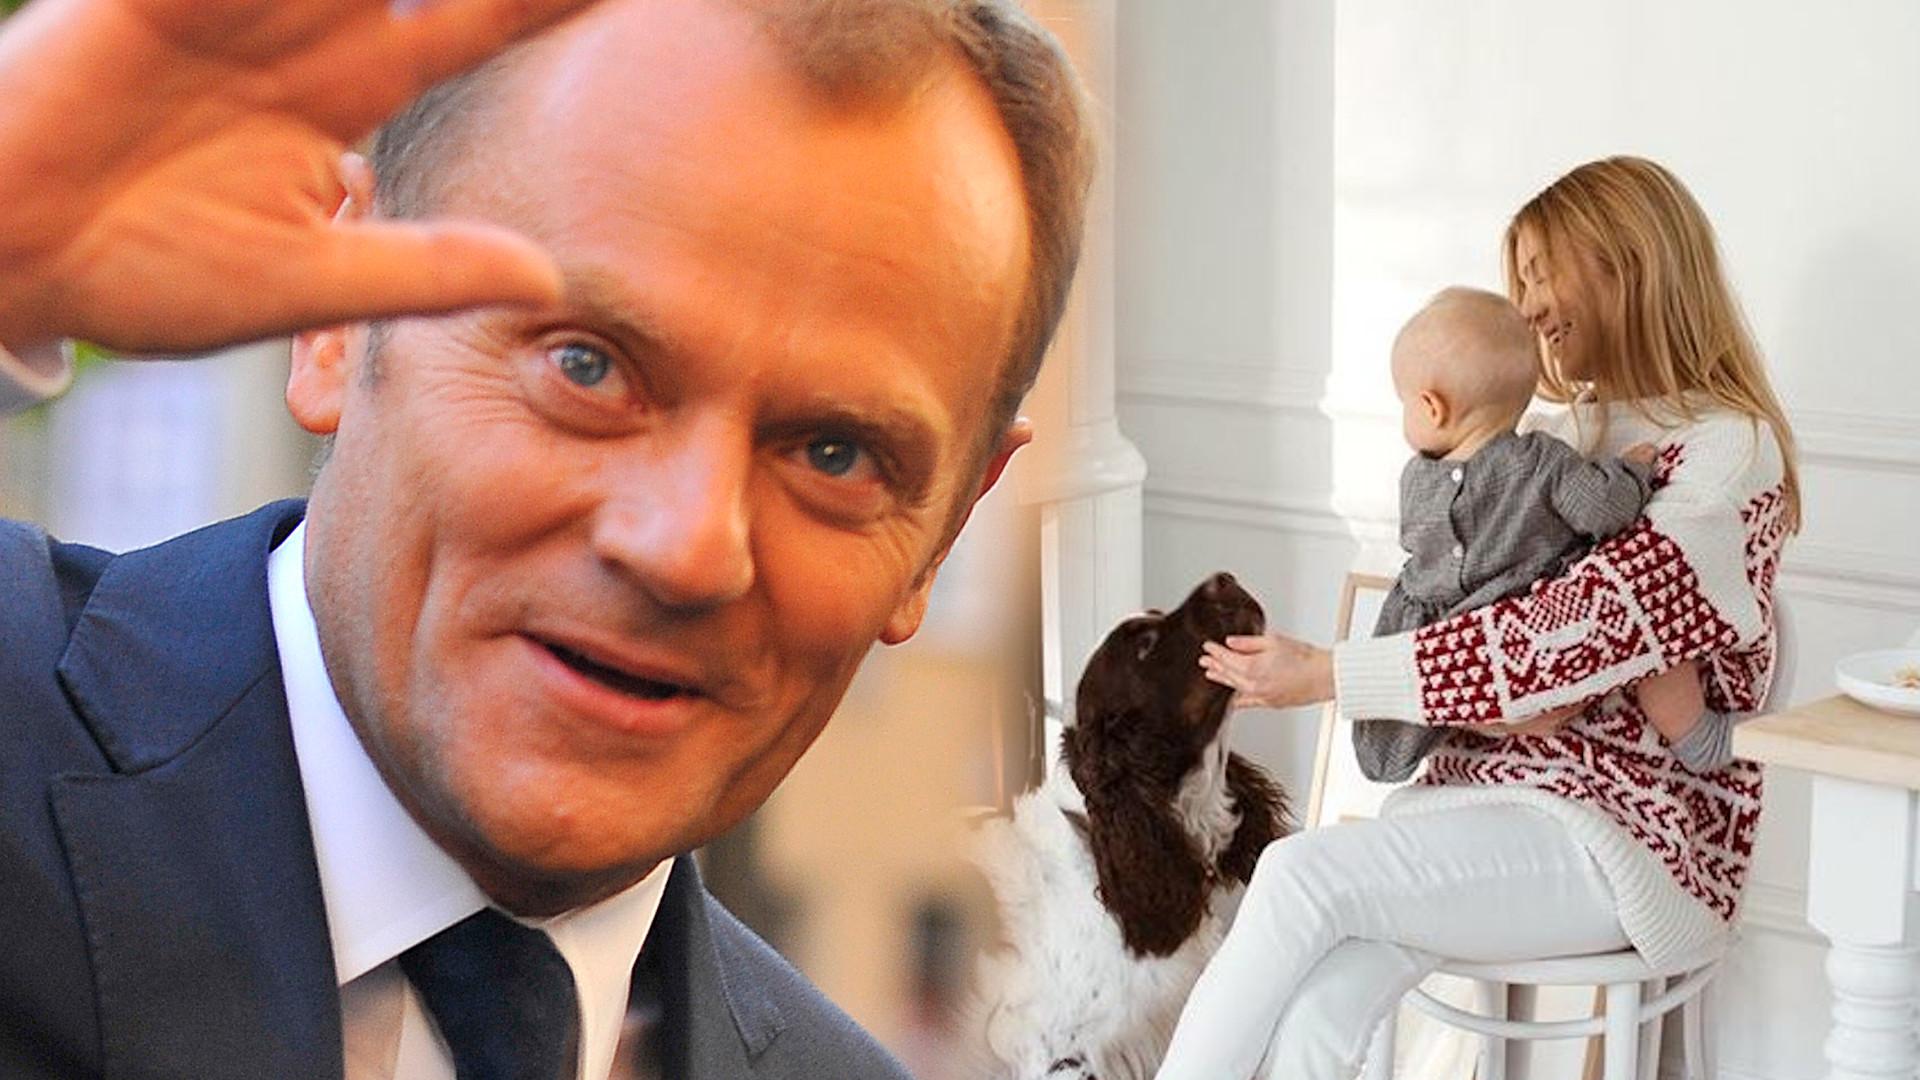 Zdjęcie Donalda Tuska z wnuczką HITEM sieci. Spójrzcie na jego minę